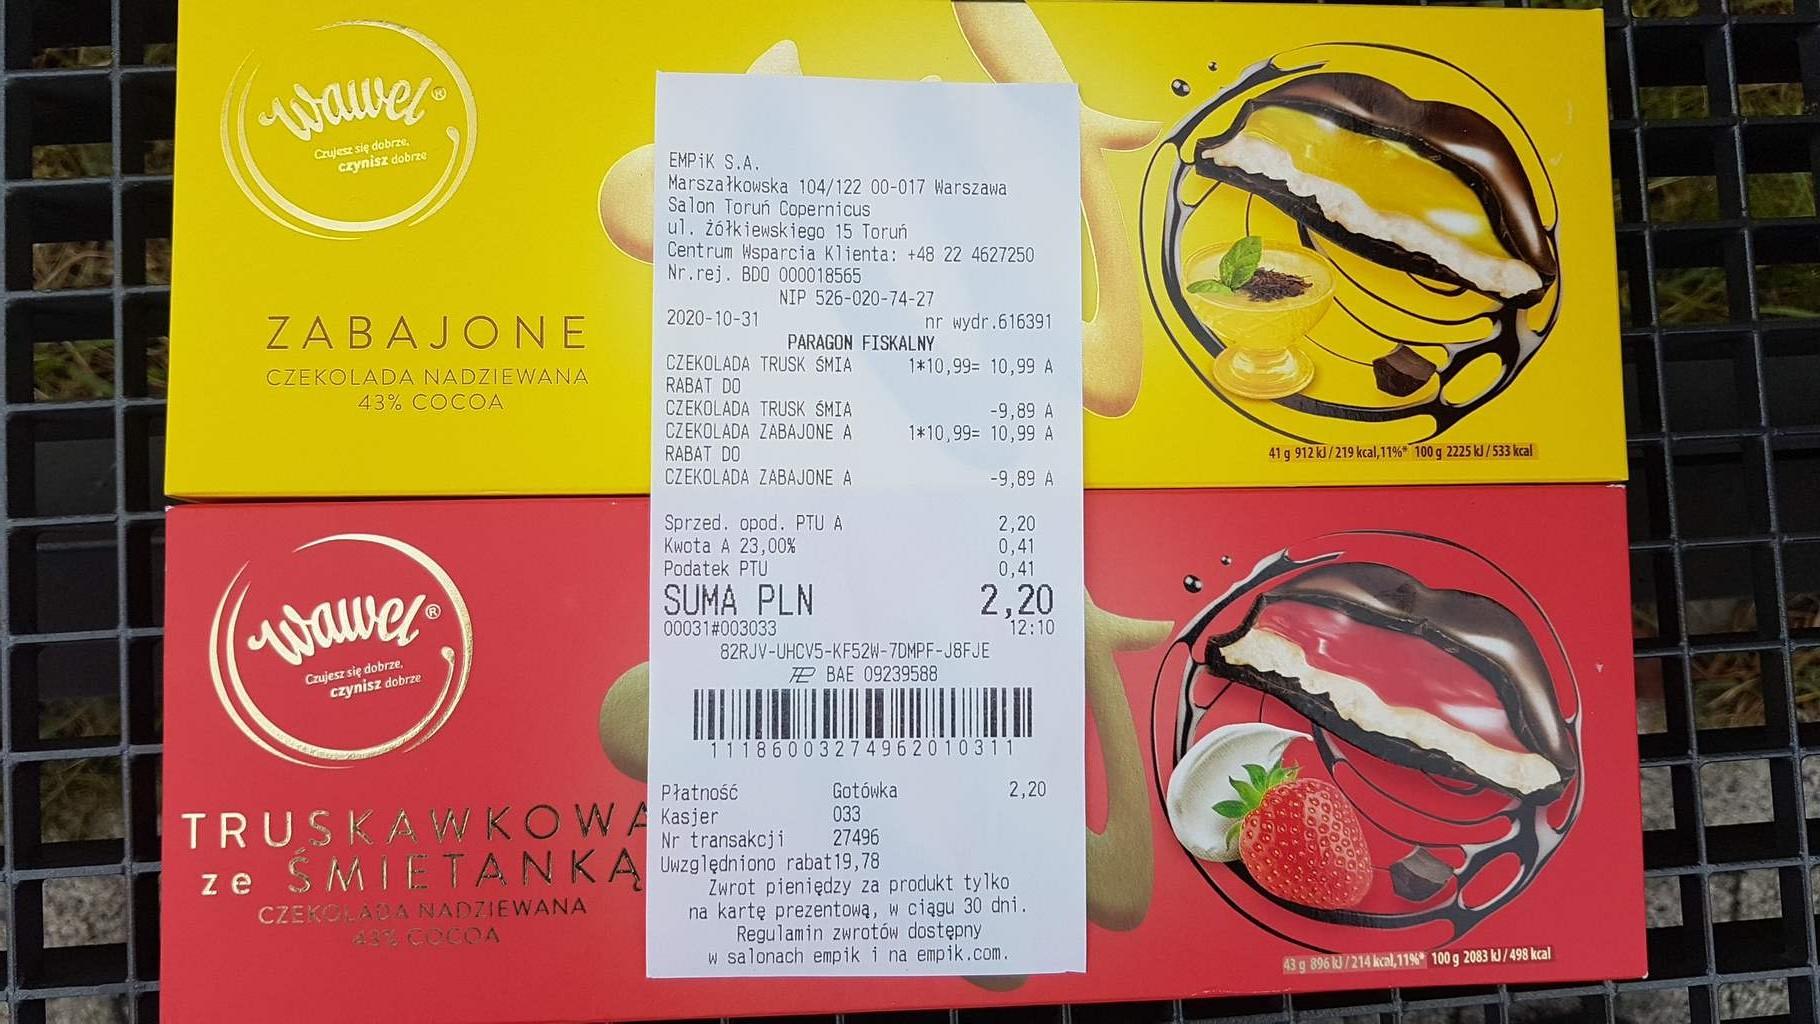 czekolada Wawel 300g truskawkowa lub zabajone w Empik